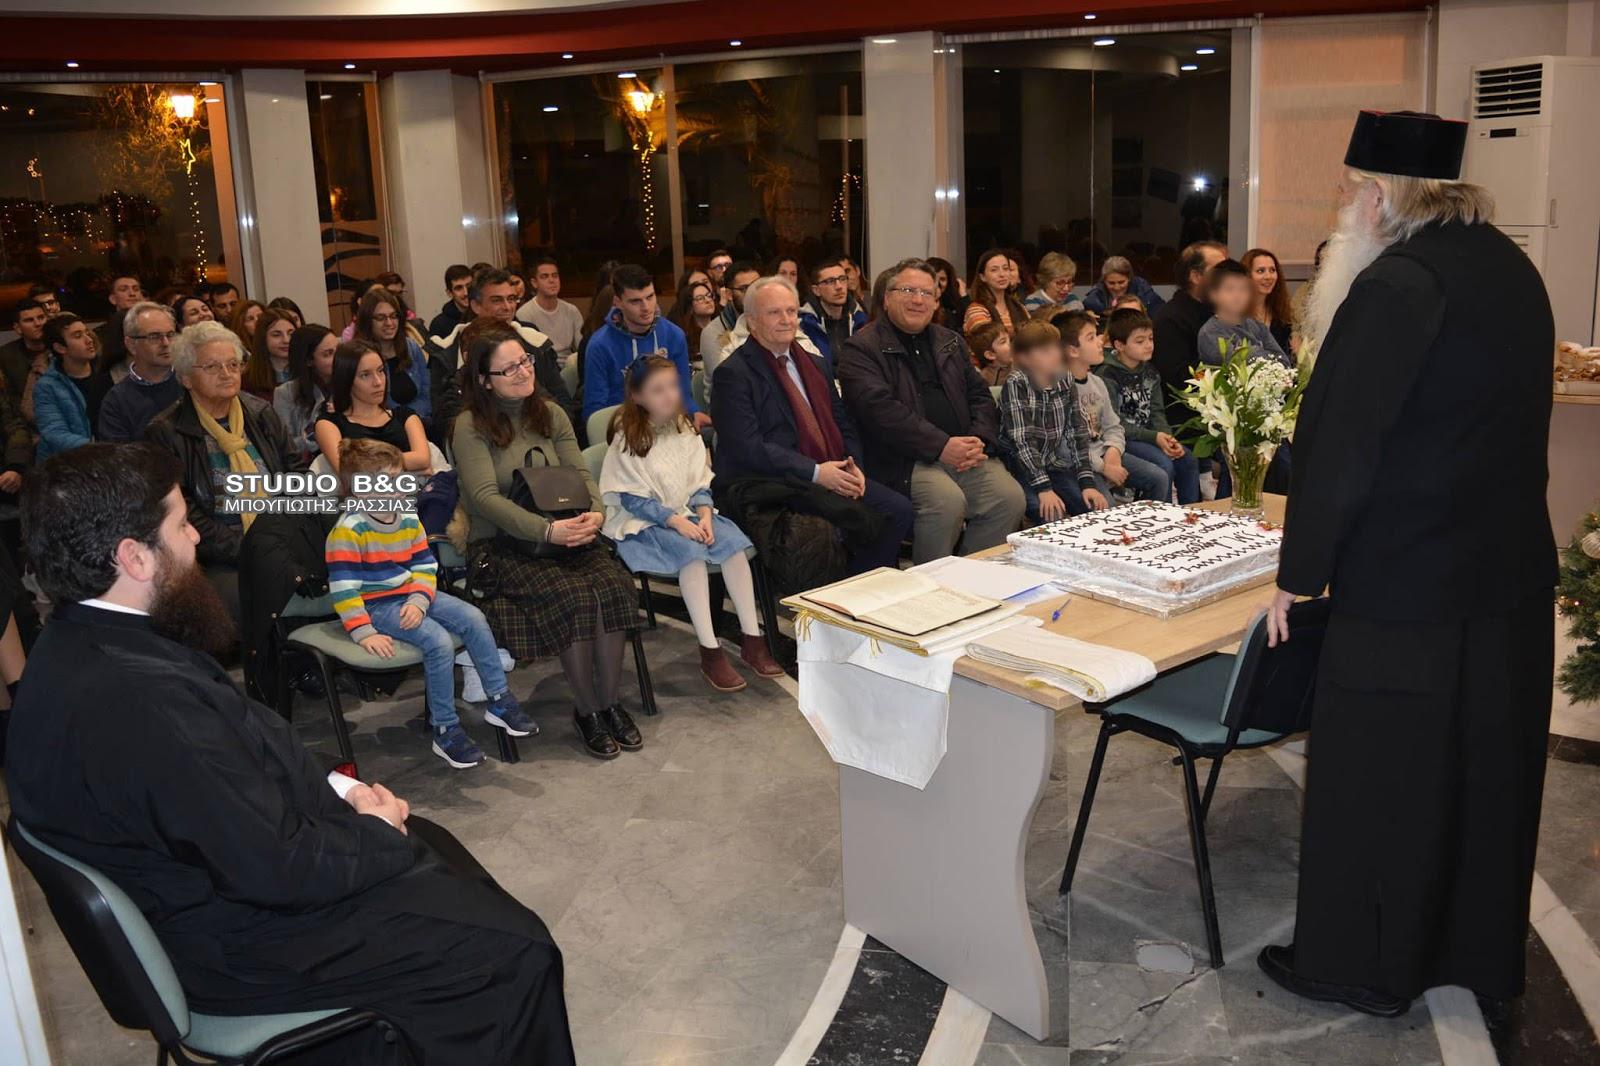 Πρωτοχρονιάτικες εκδηλώσεις στα Κέντρα Νεότητας της Μητροπόλεώς μας